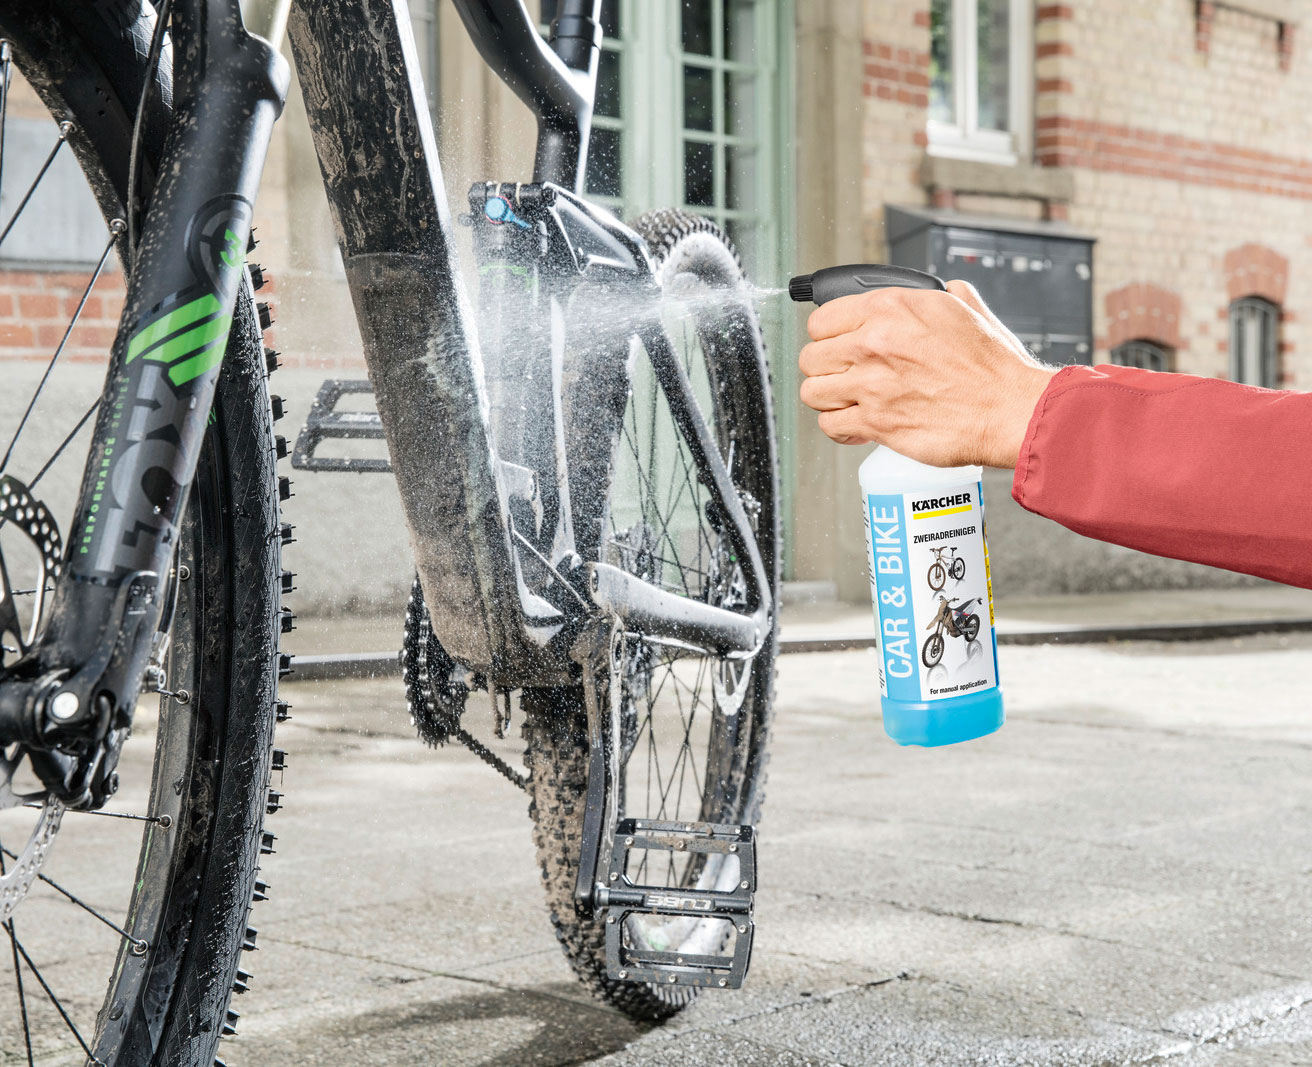 Kärcher Zubehörbox Bike OC3 für mobiler Druckreiniger Bild 3